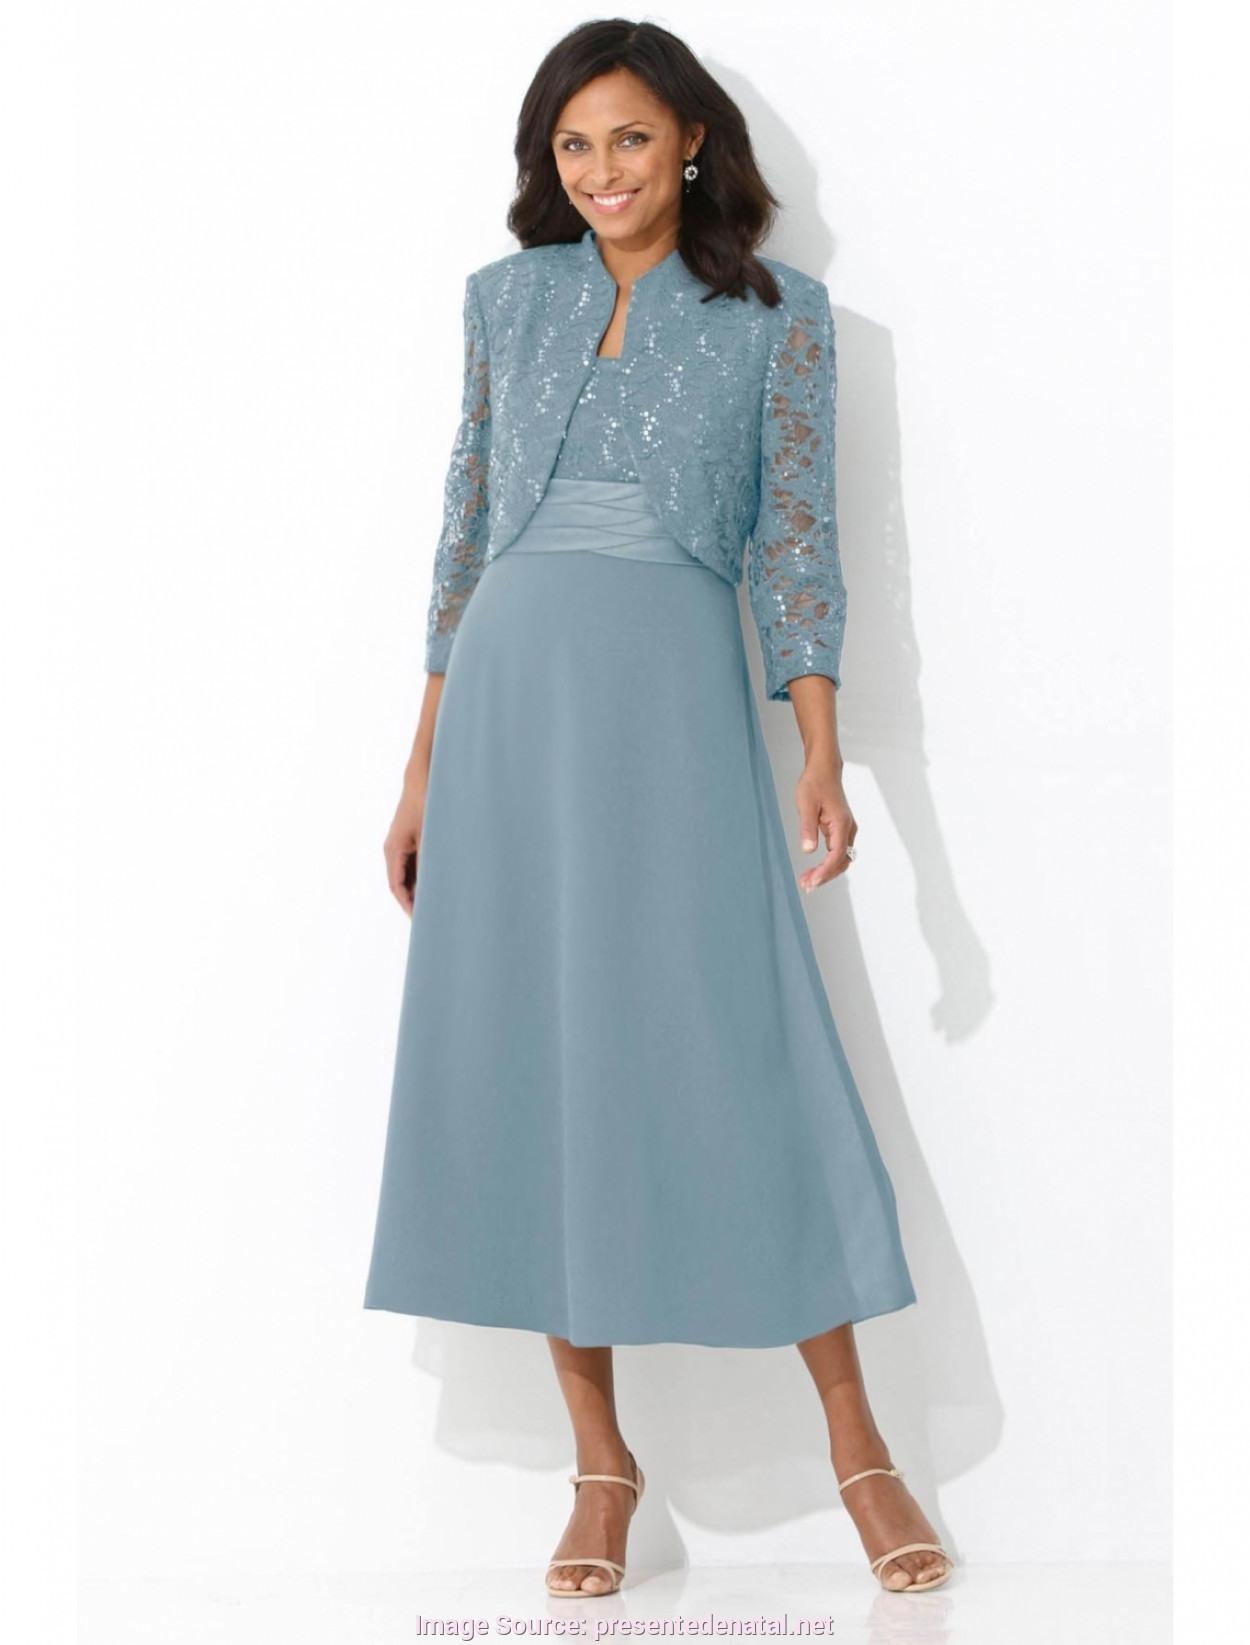 10 Einzigartig Damen Kleider Festlich Spezialgebiet15 Leicht Damen Kleider Festlich Vertrieb